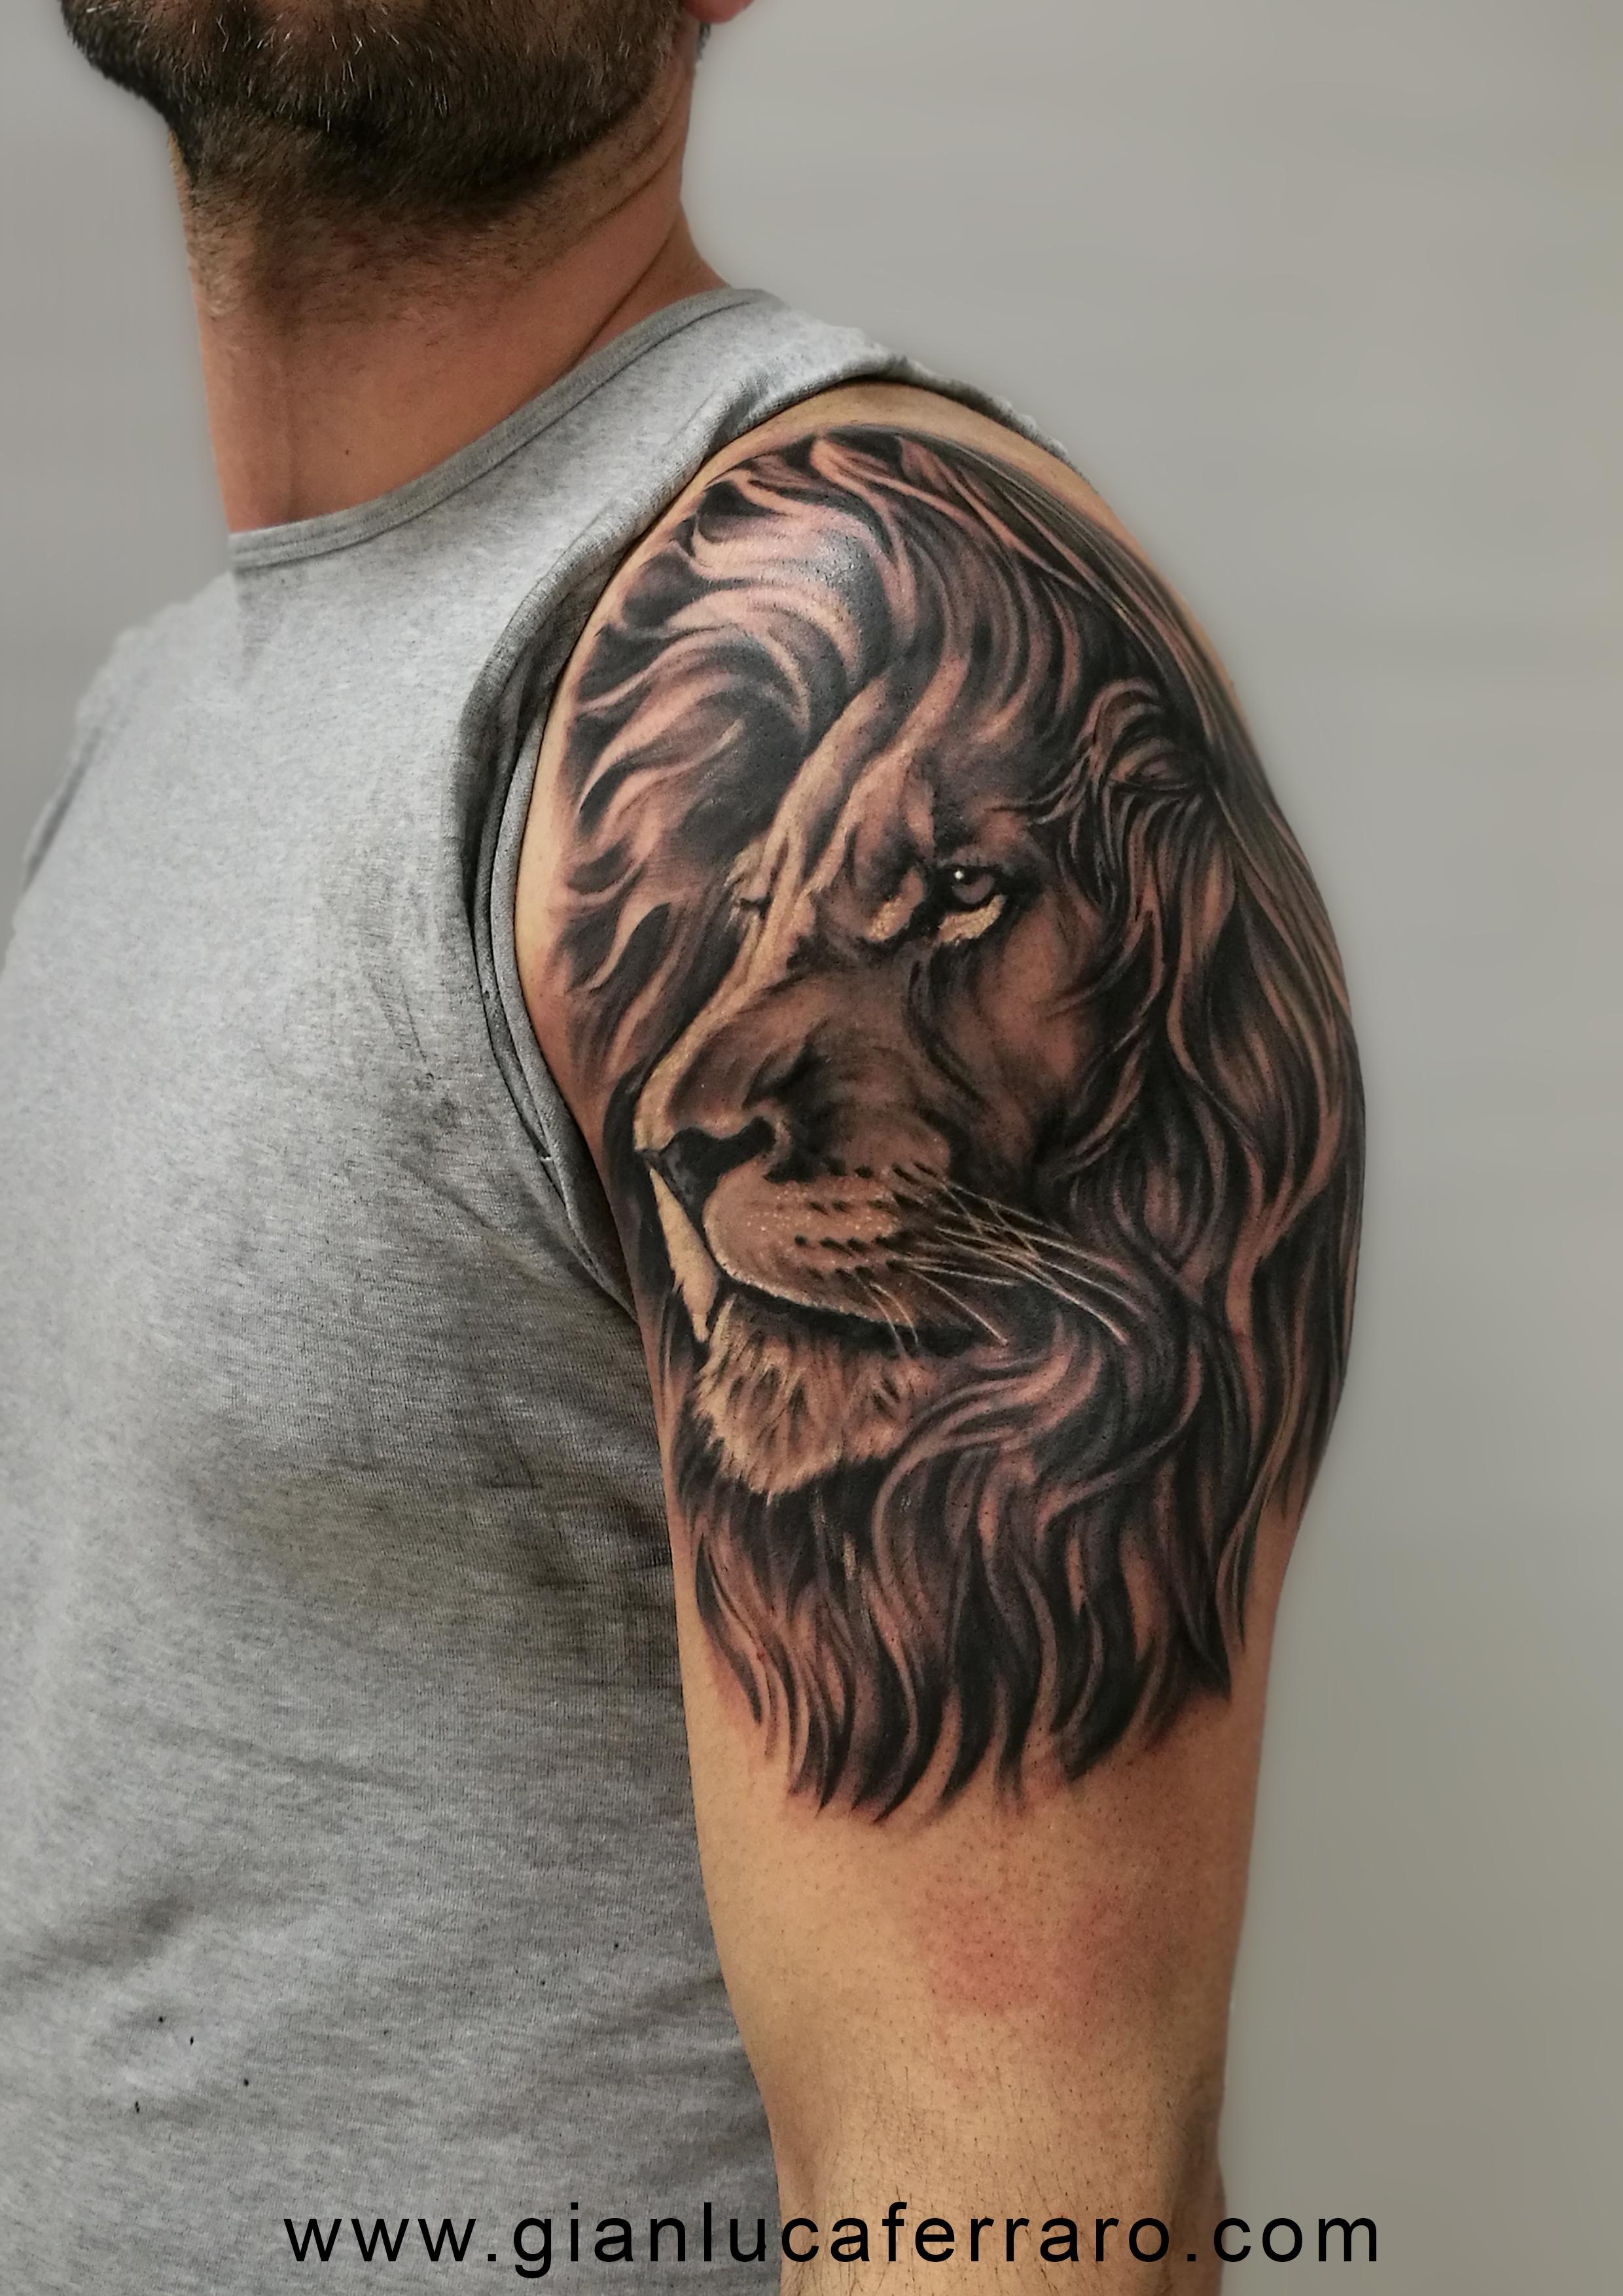 guest 10 - gianluca ferraro tattoo